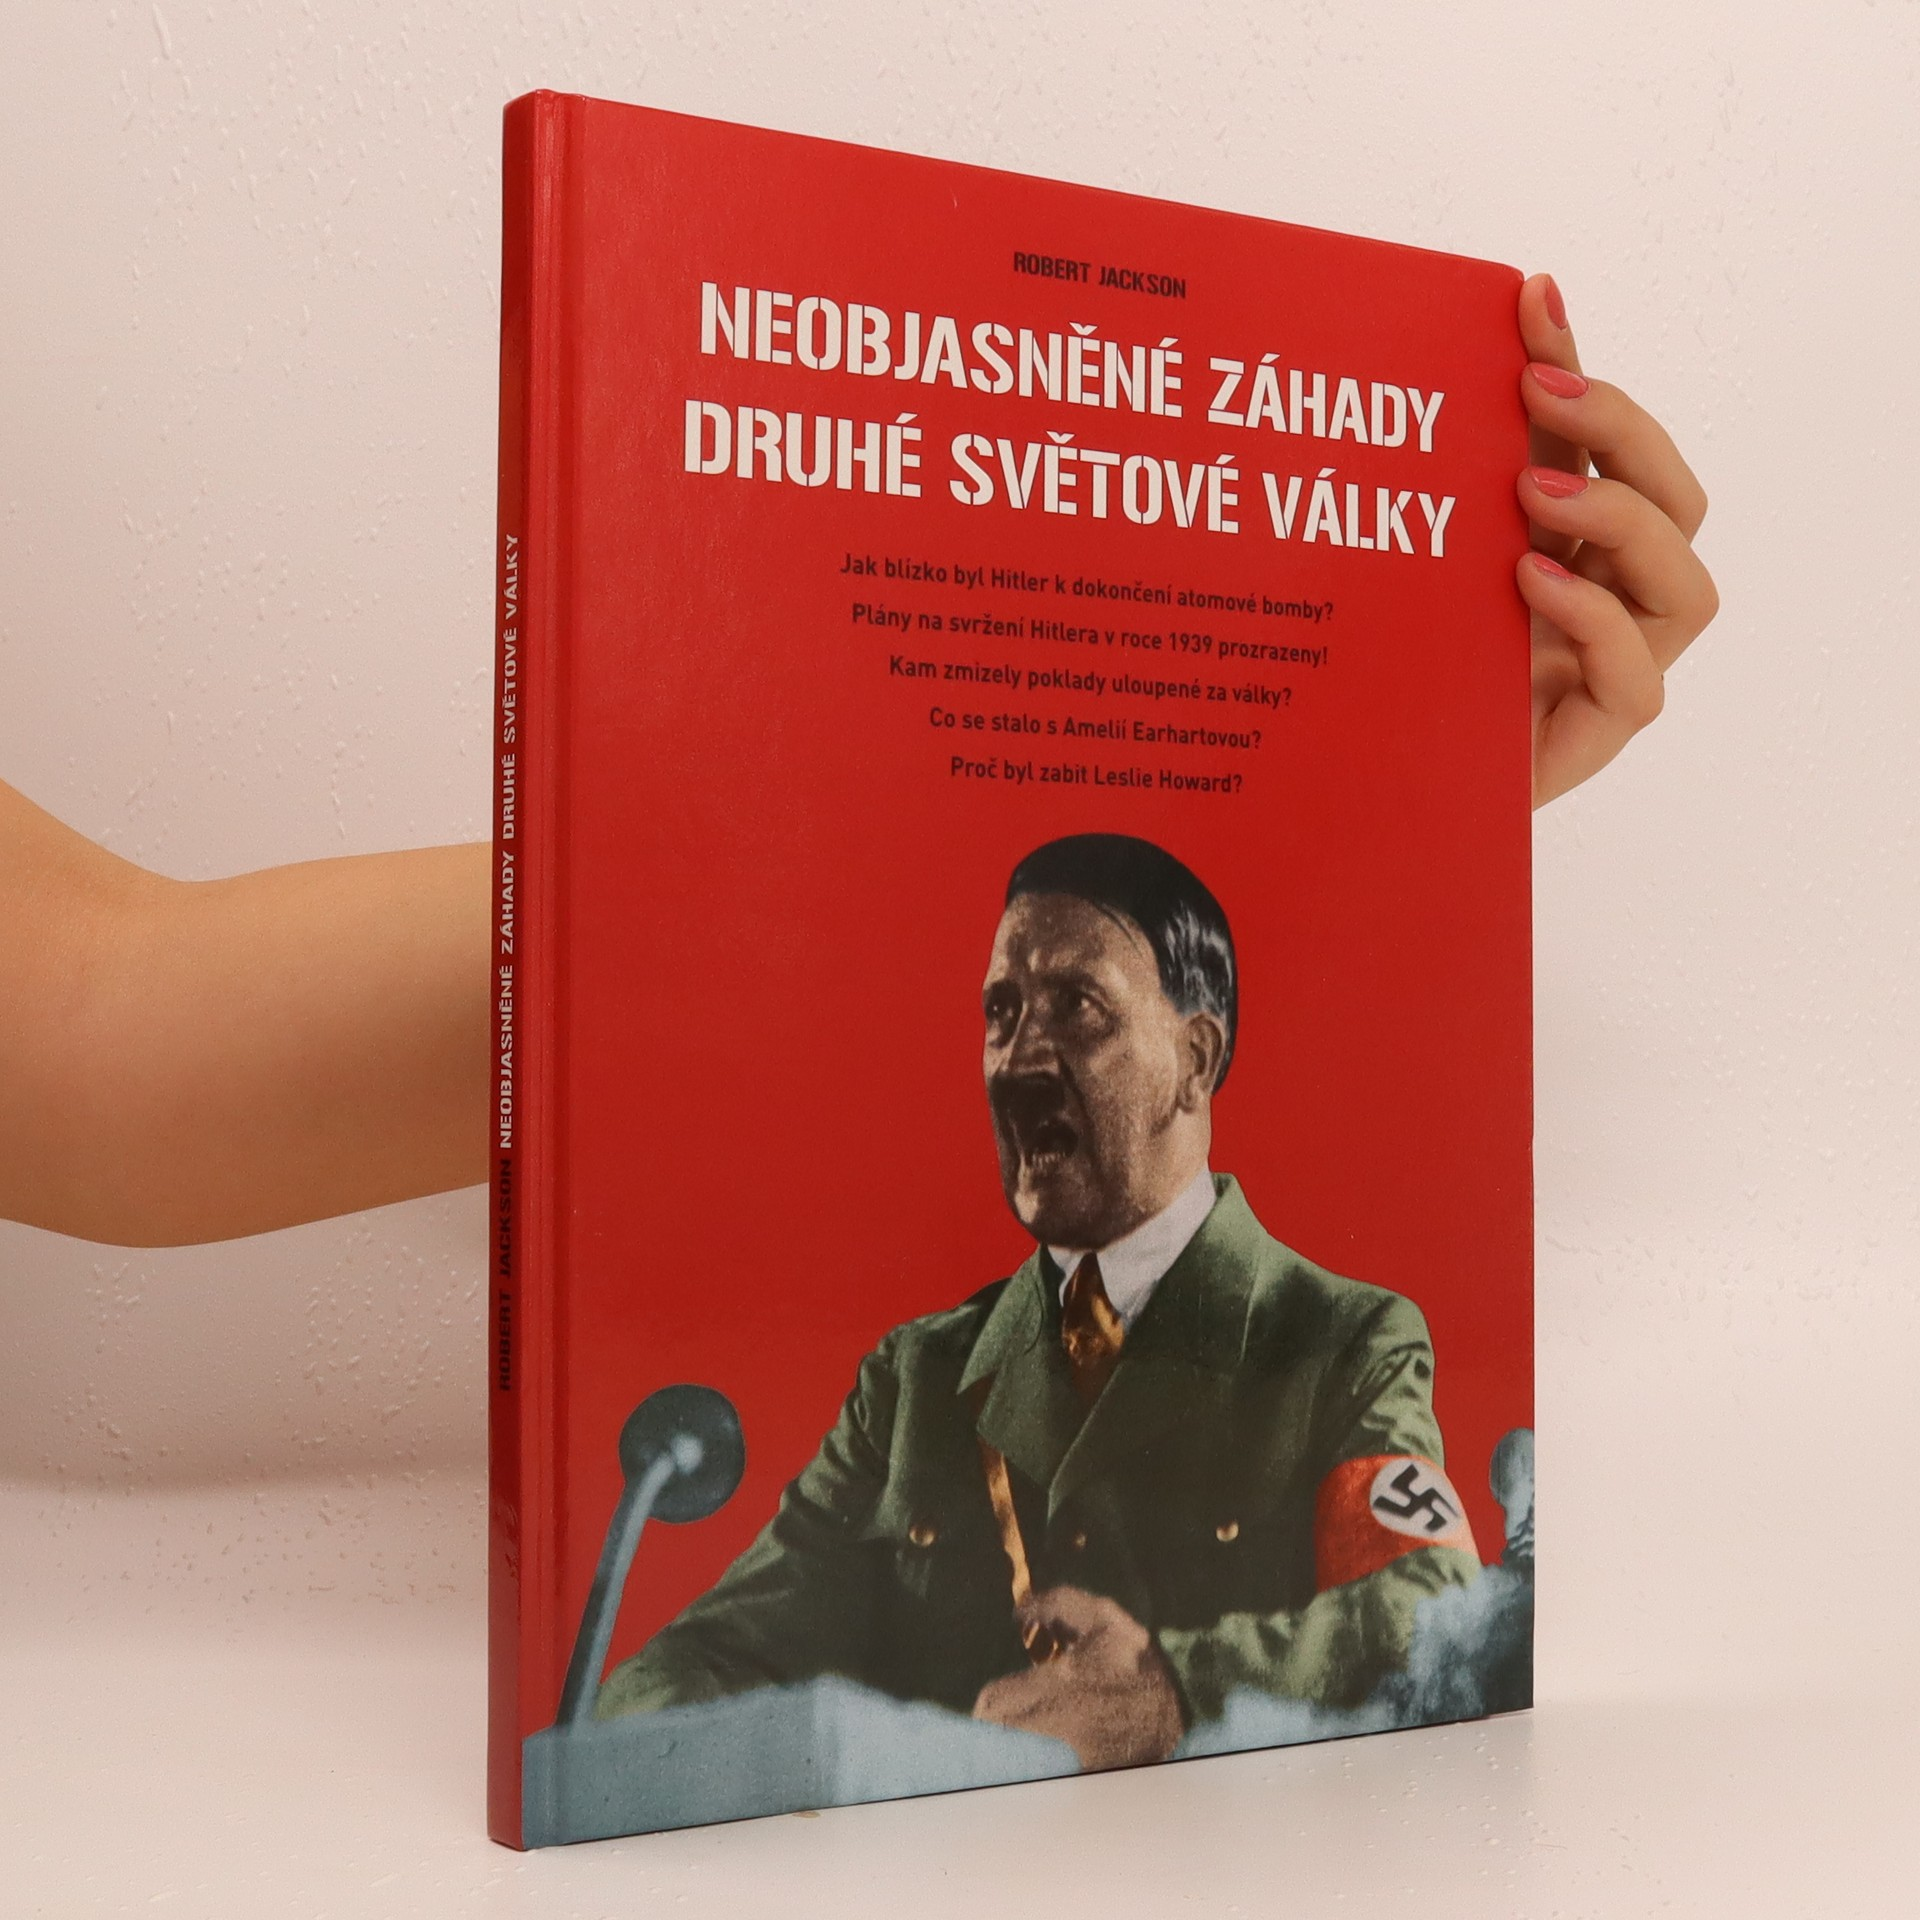 antikvární kniha Neobjasněné záhady druhé světové války, 2002